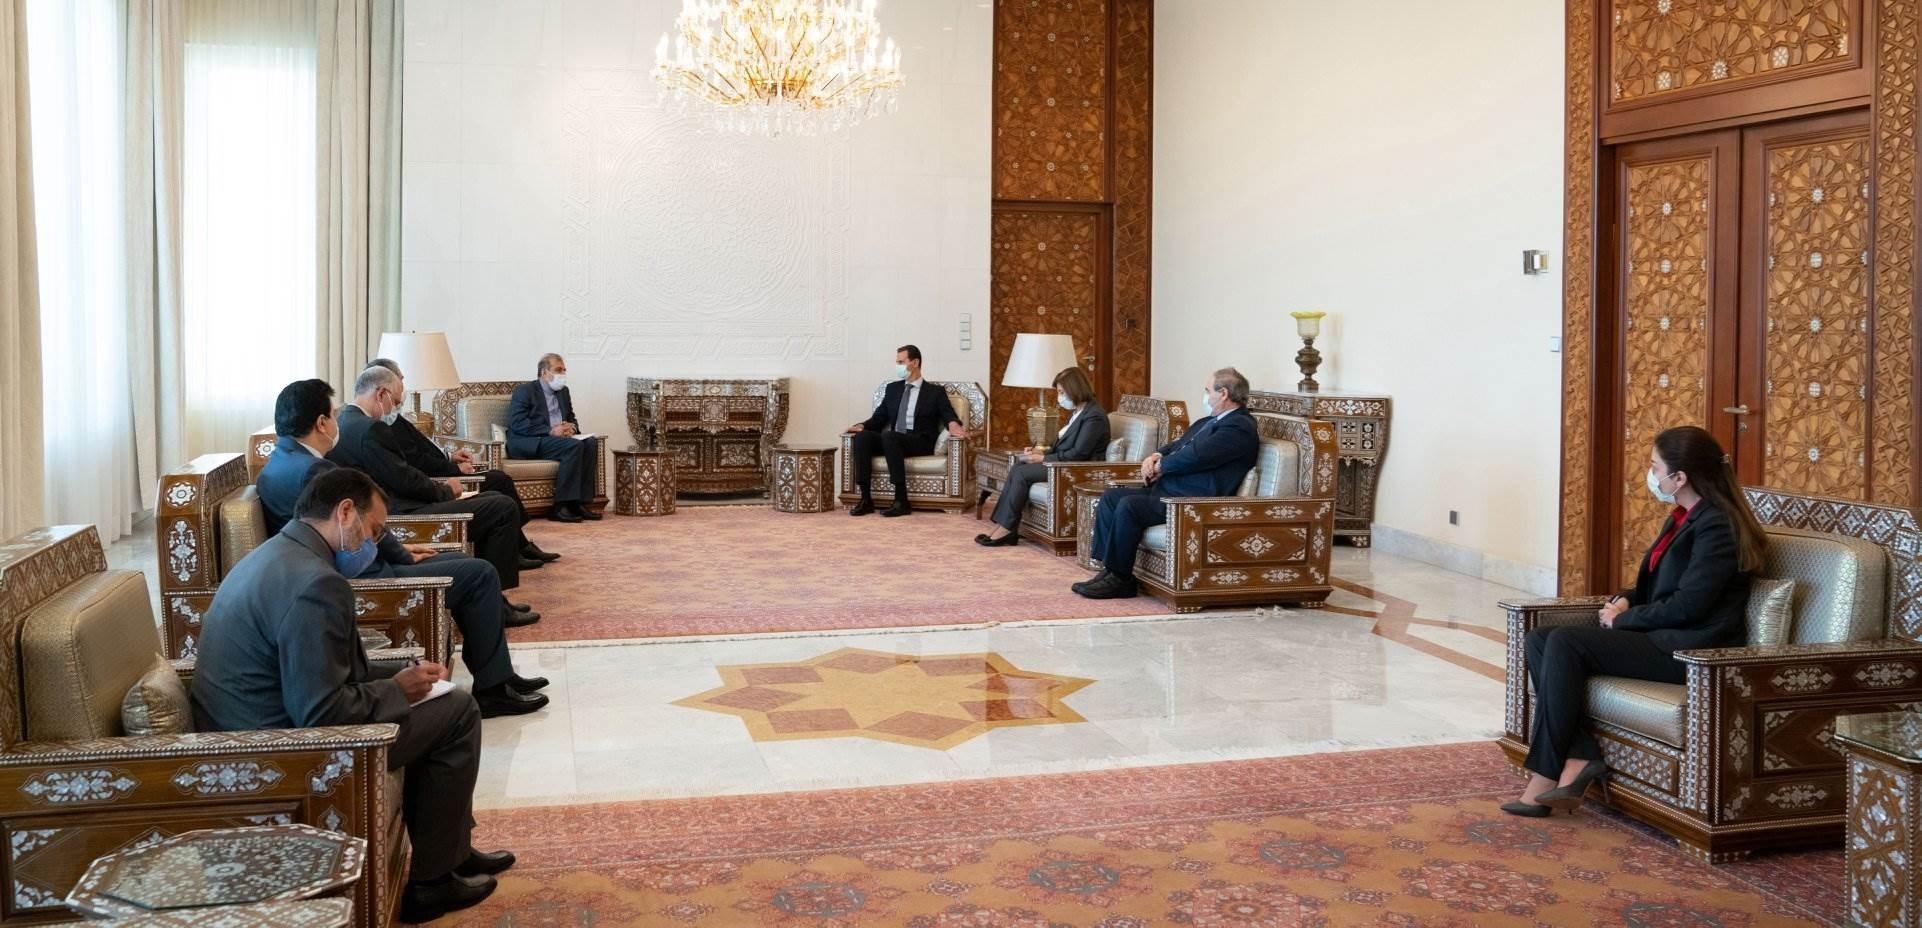 الرئيس بشار الأسد خلال لقائه علي أصغر خاجي كبير مساعدي وزير الخارجية الإيراني والوفد المرافق له.